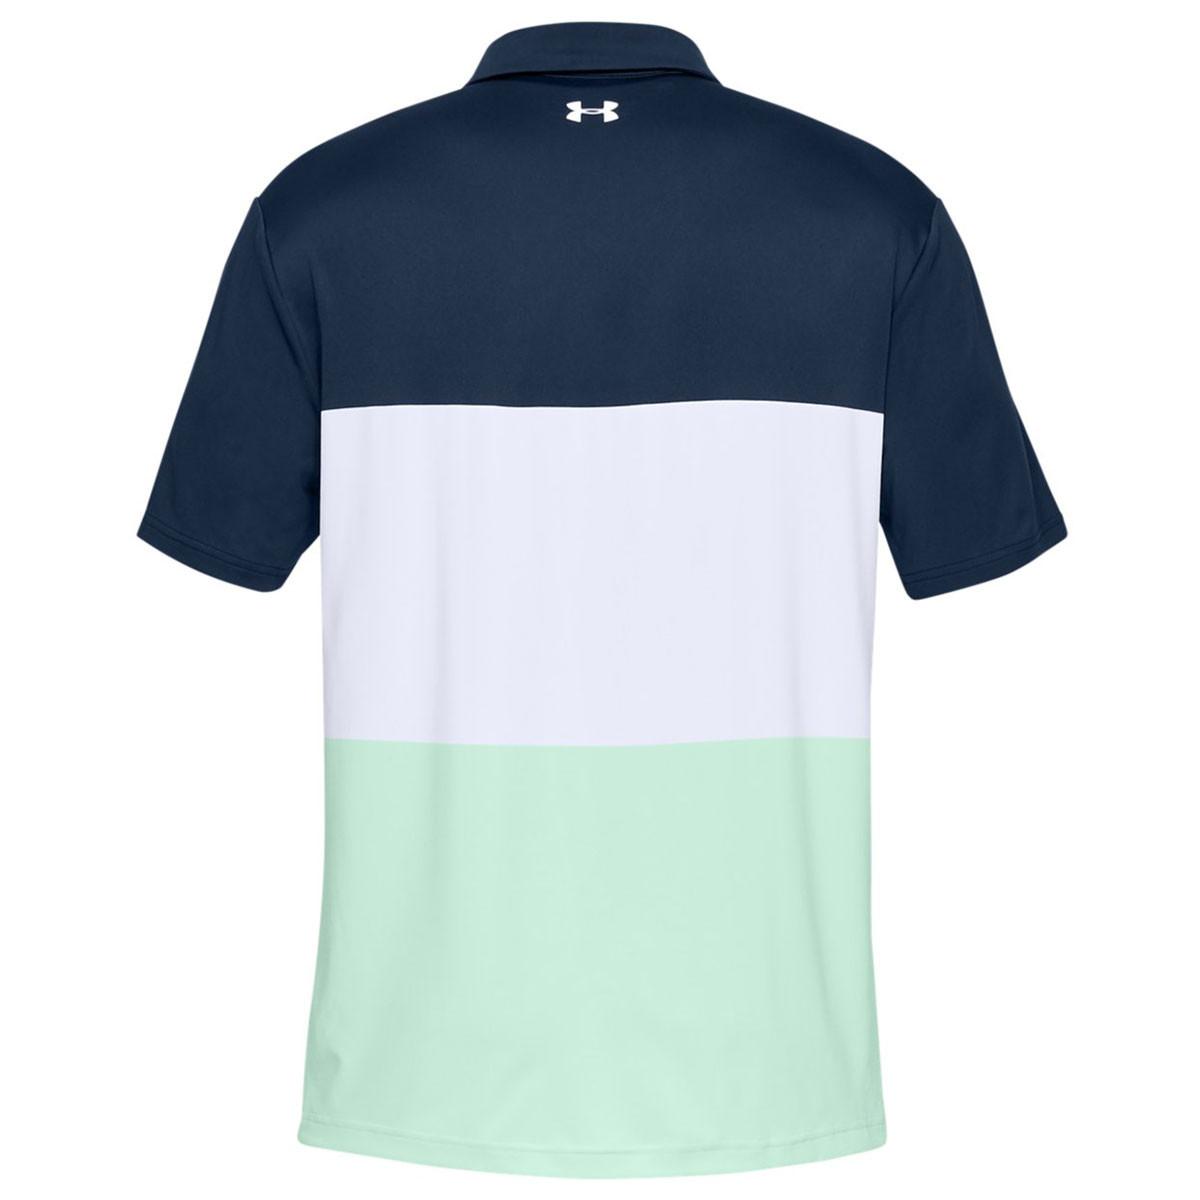 e48c0b96 Under Armour Mens 2019 Solid Playoff 2.0 Golf Polo Shirt